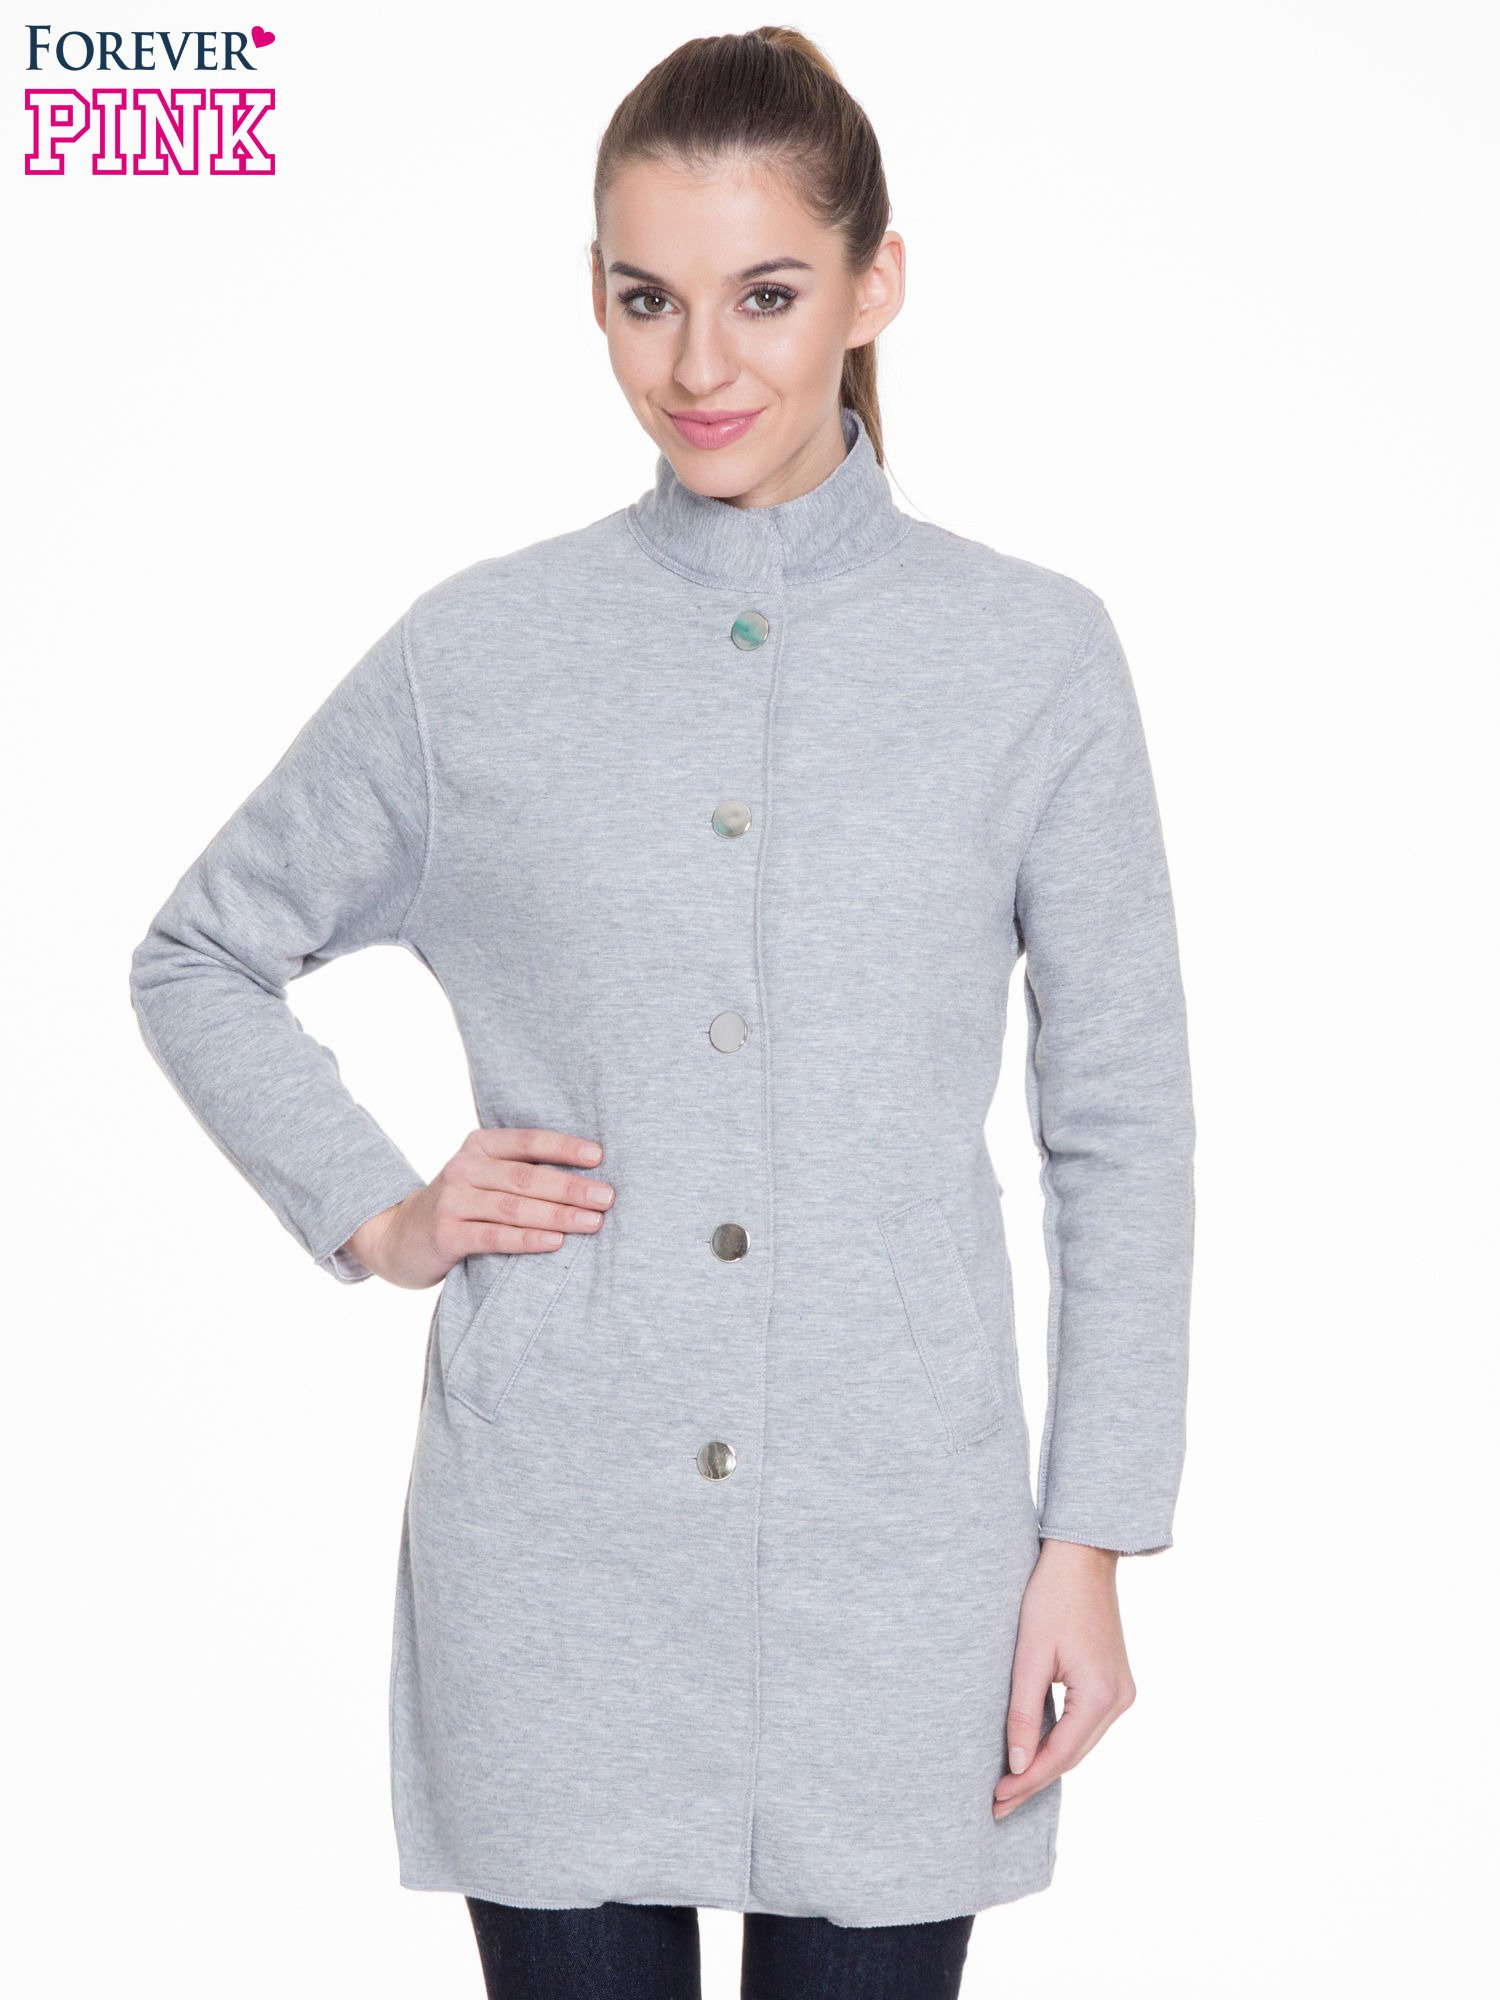 Szary dresowy płaszcz o kroju oversize                                  zdj.                                  1